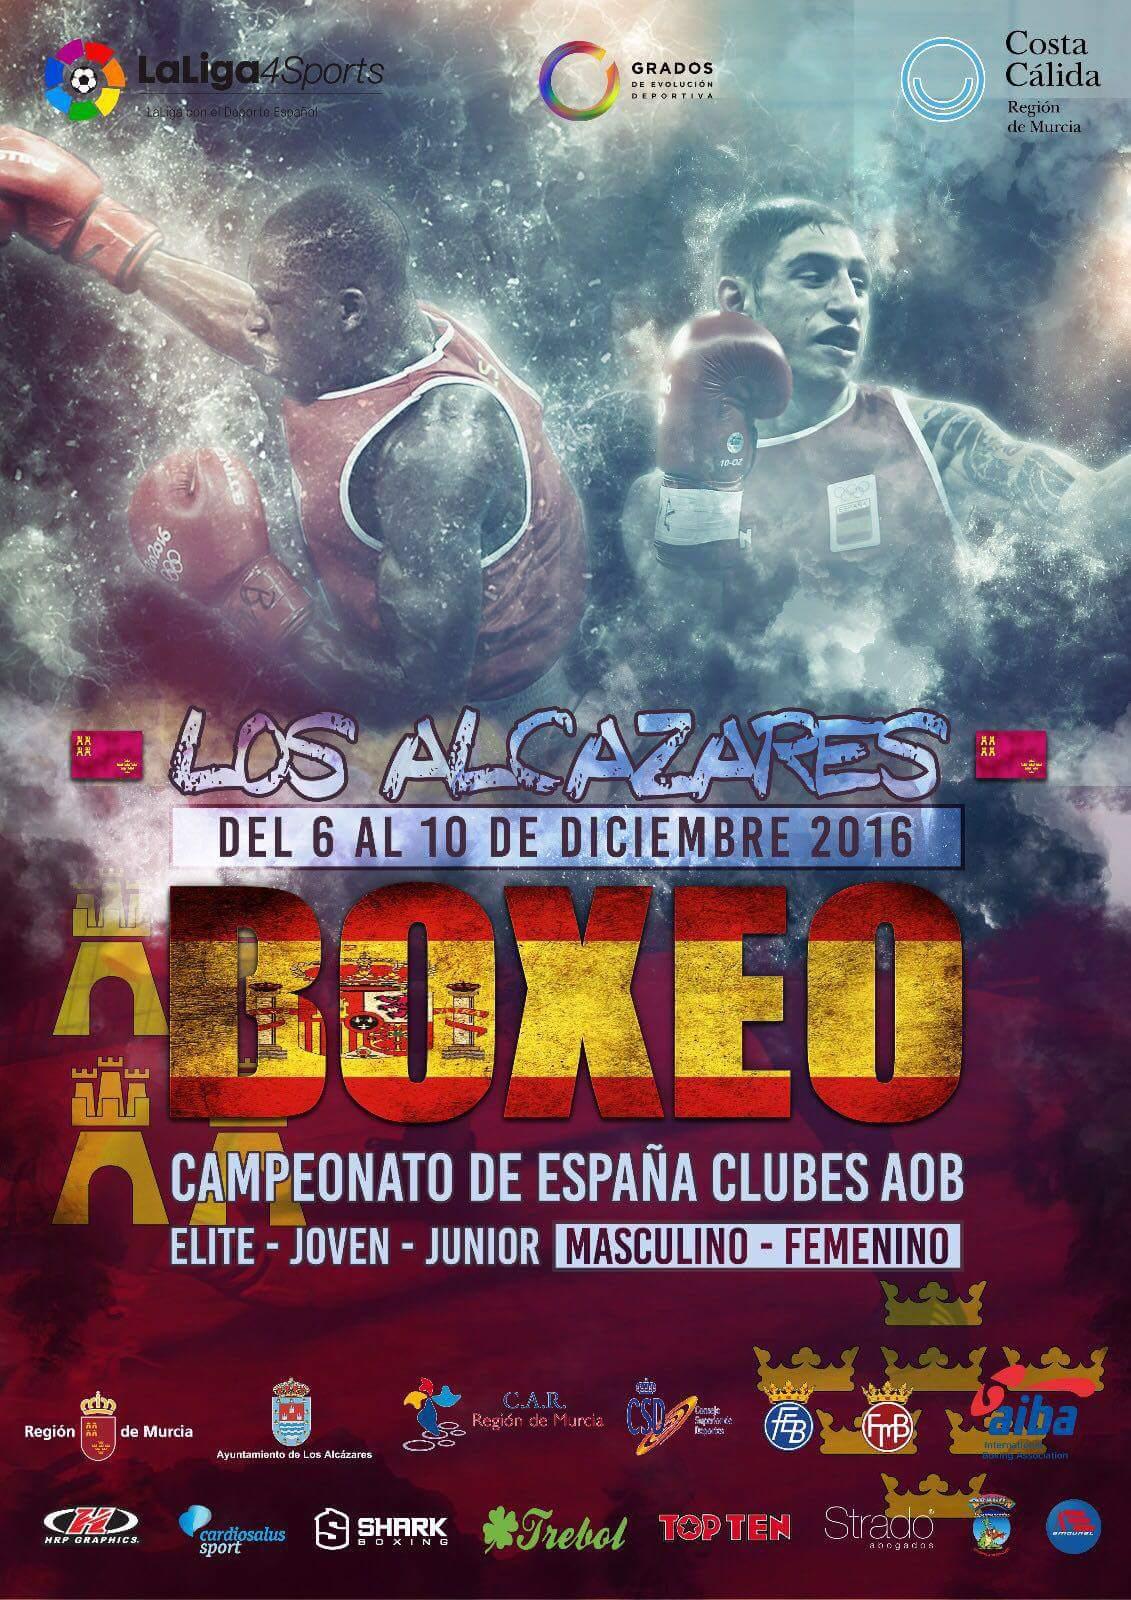 Campeonato de España Clubes AOB